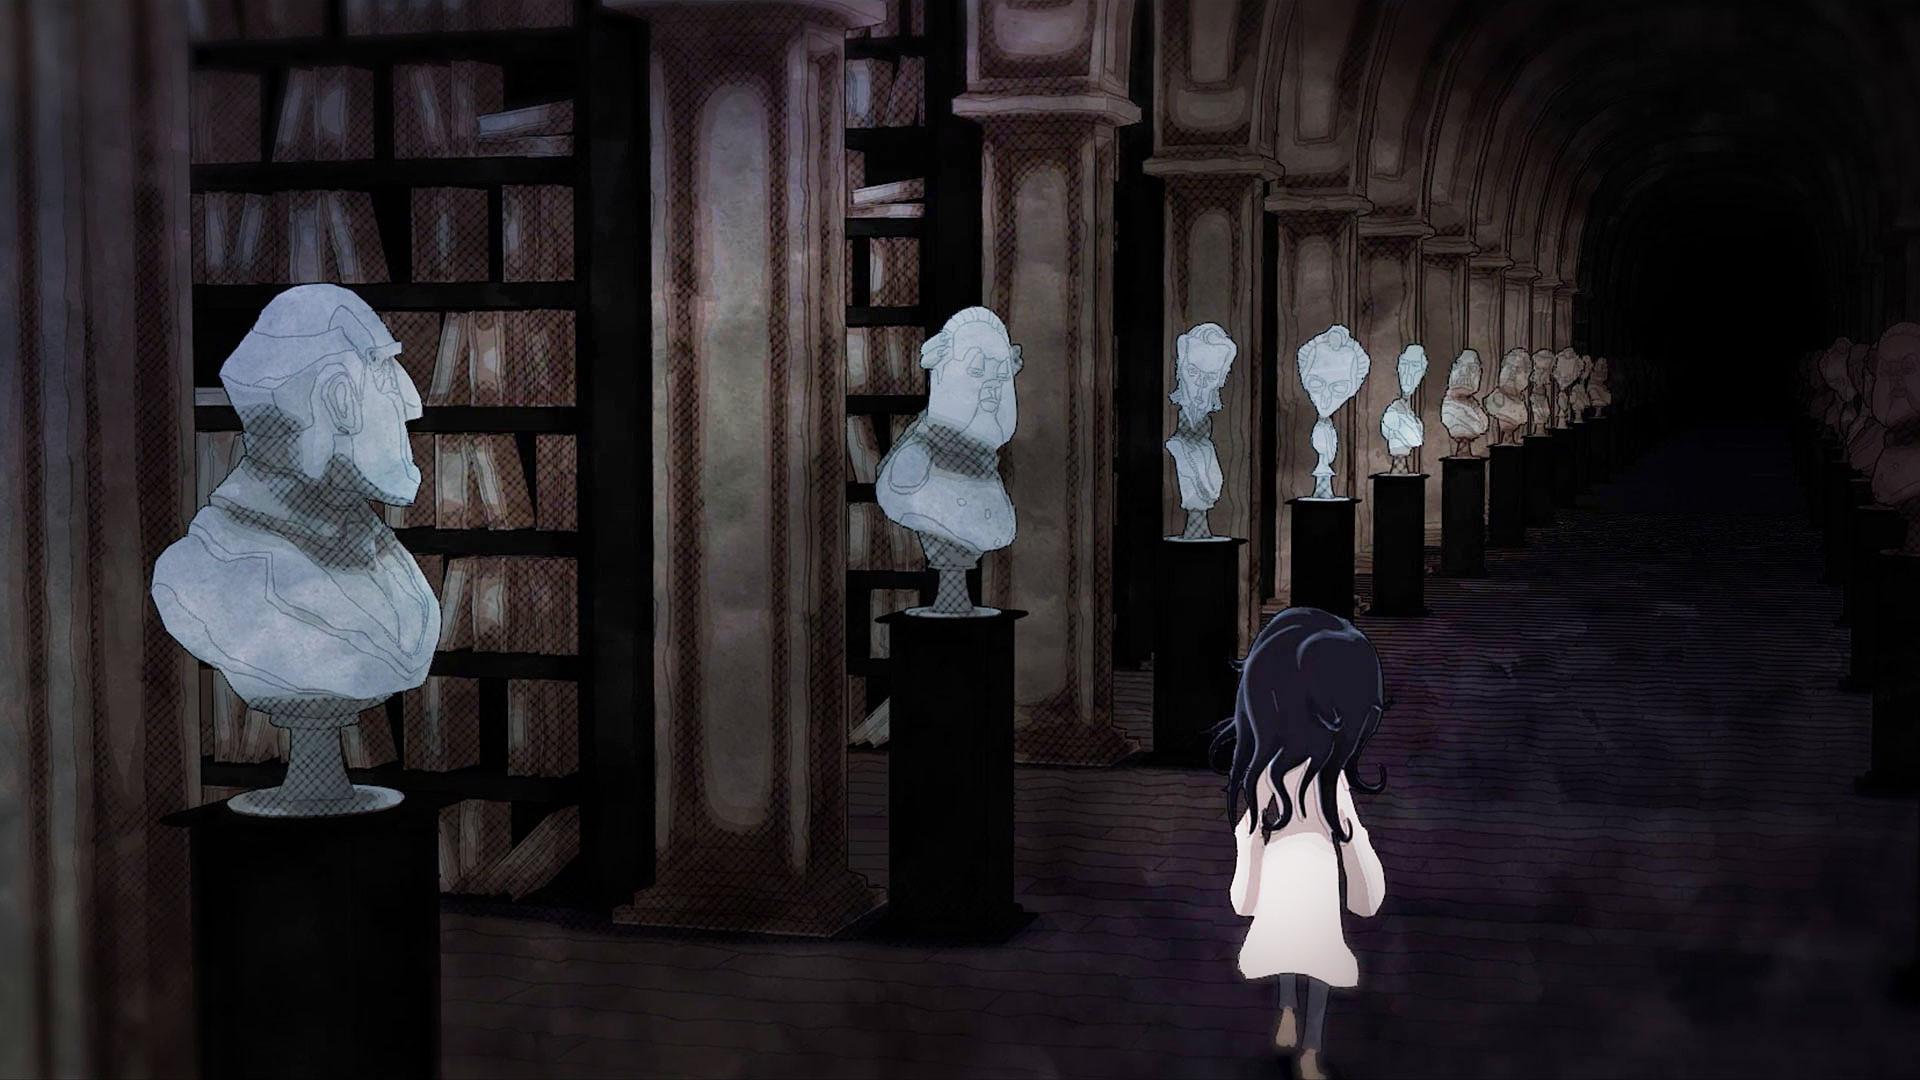 解谜游戏《我的阴暗面》正式发售 小女孩和影子的故事